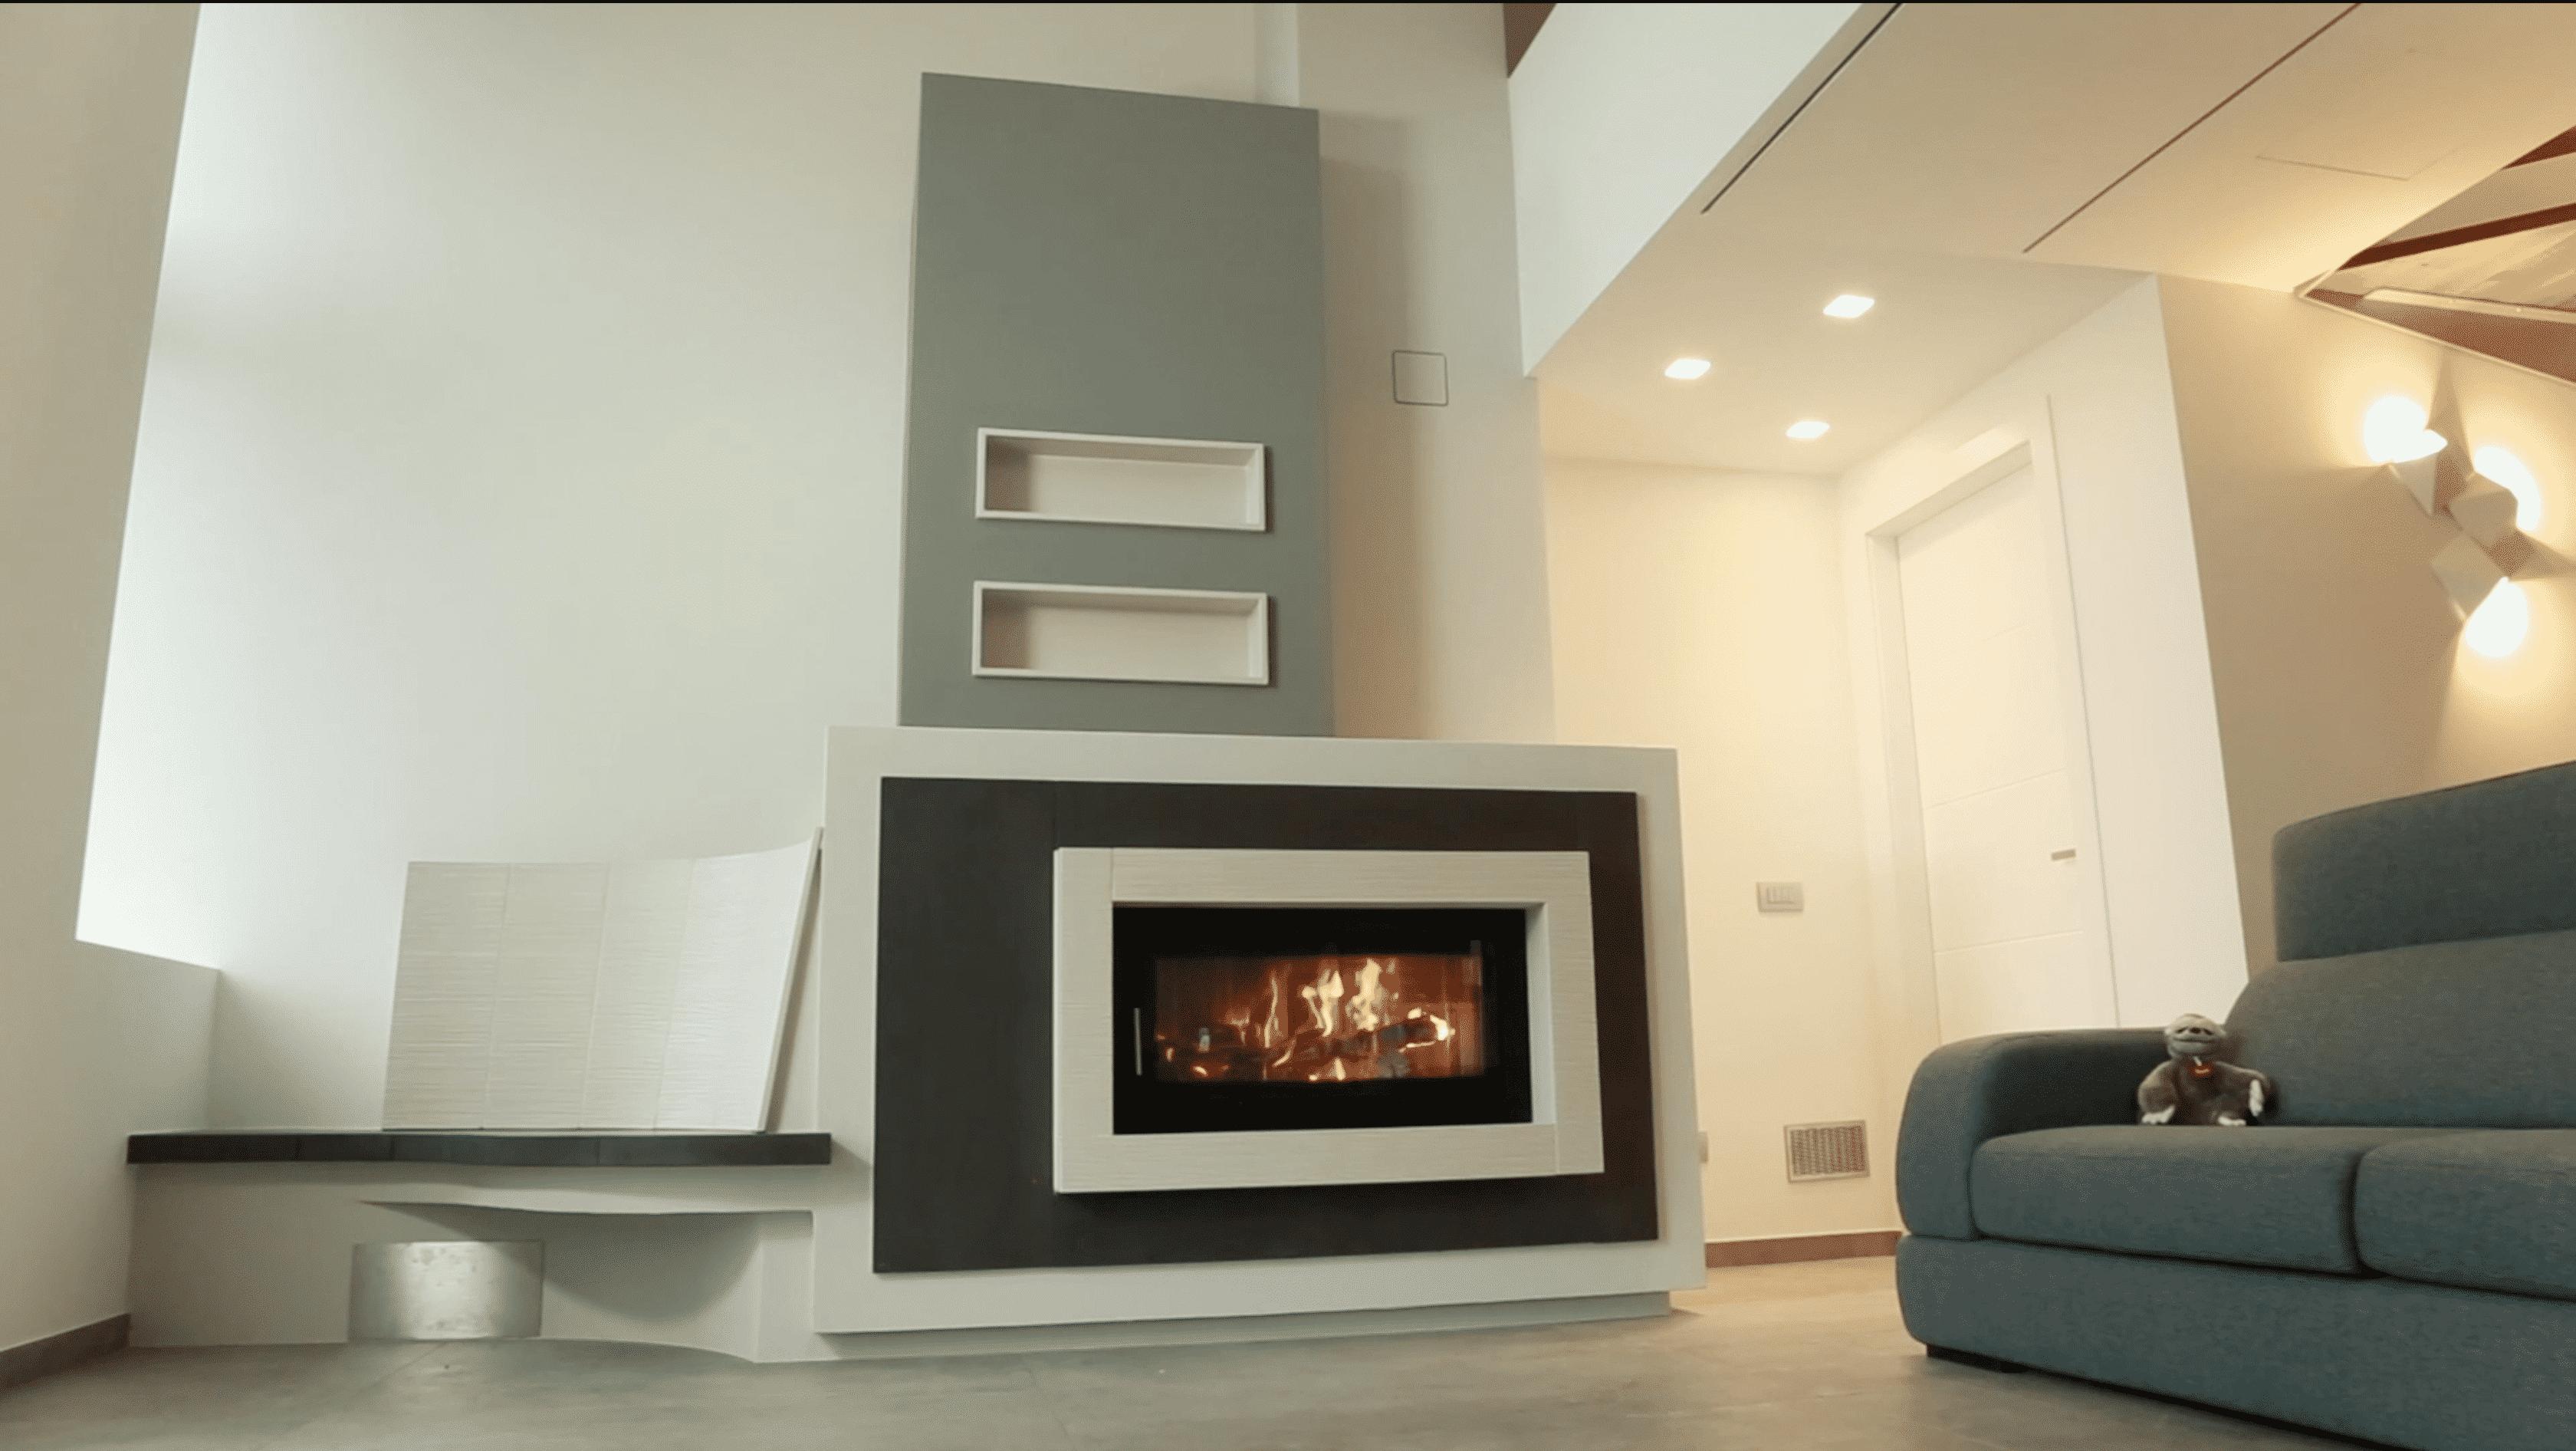 caminetto ad accumulo di calore con panca riscaldata